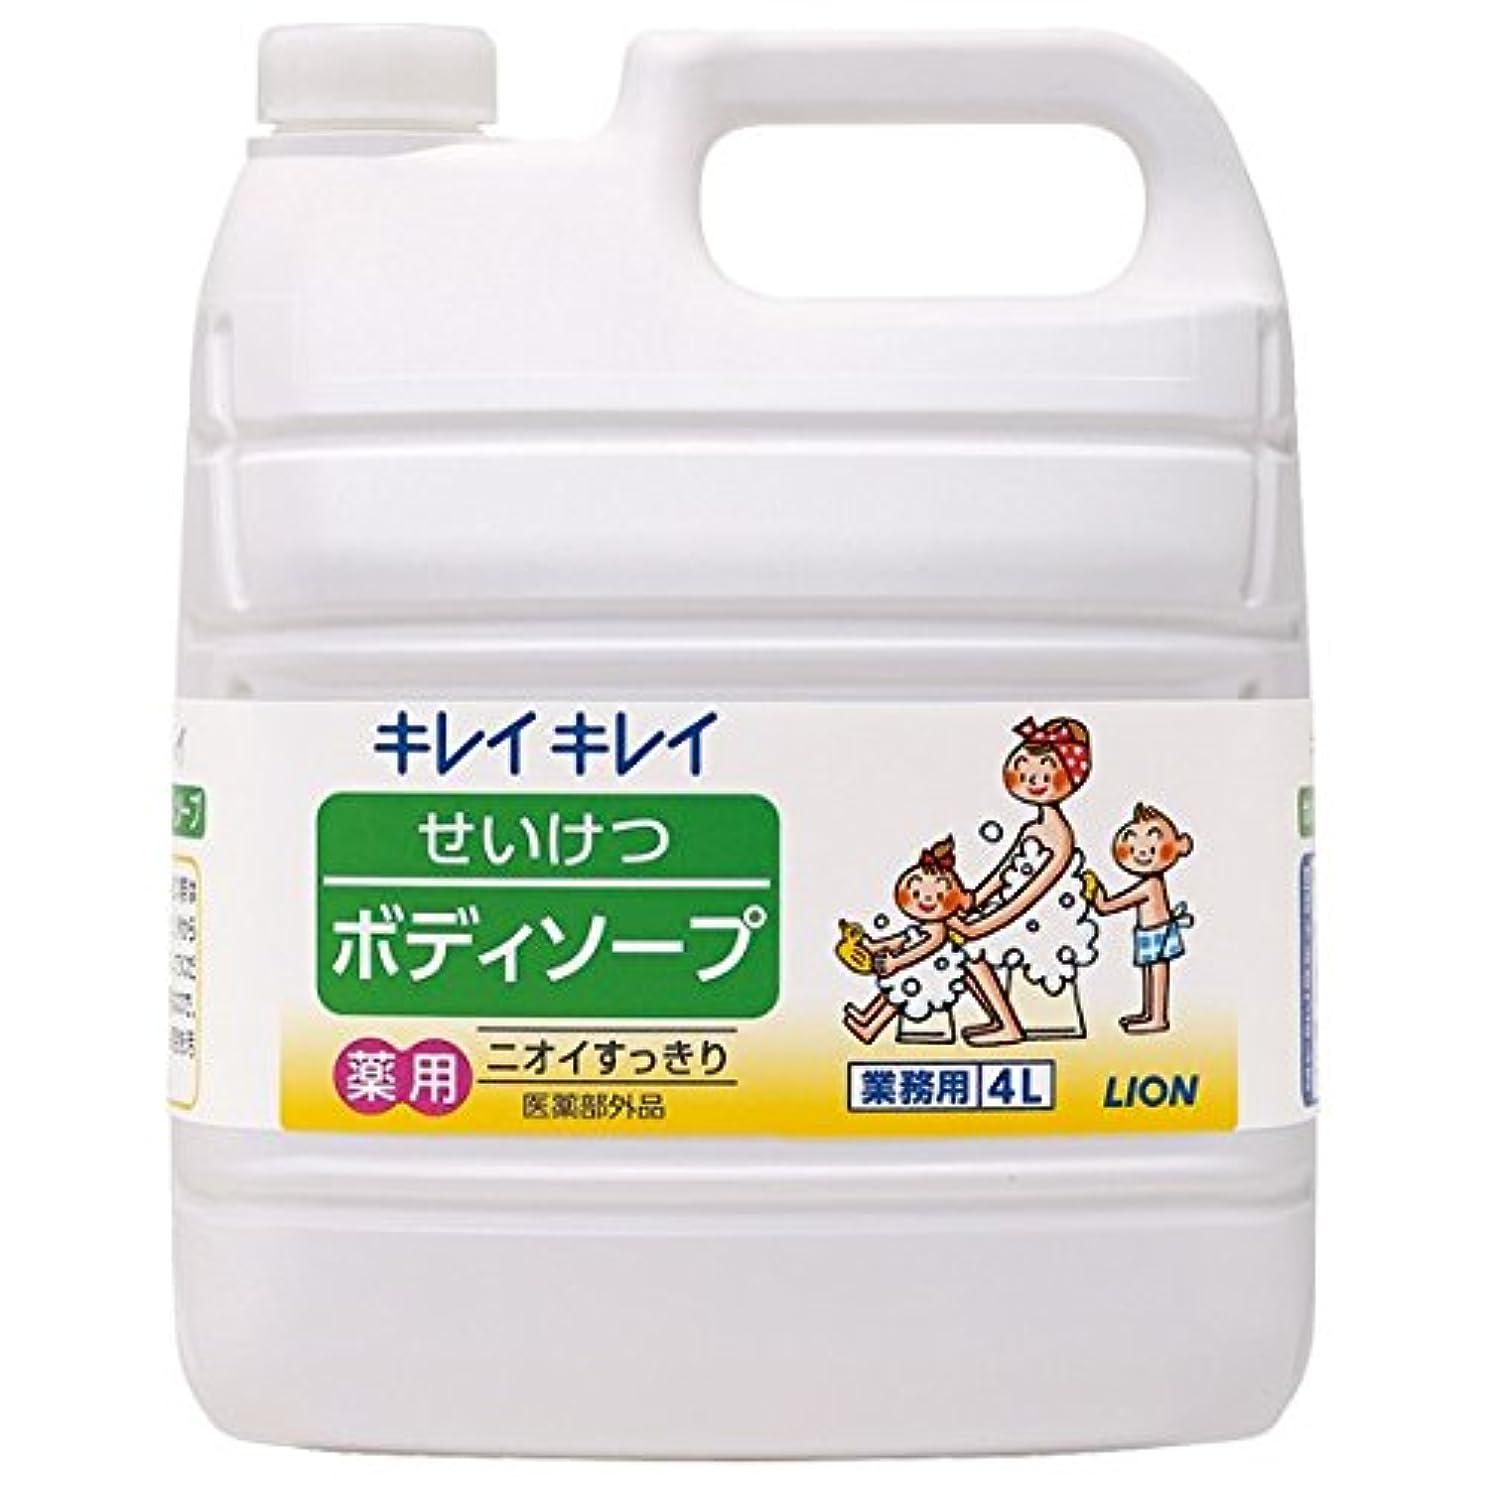 一貫性のない社会科ストレージライオン キレイキレイ せいけつボディソープ さわやかなレモン&オレンジの香り 業務用 4L×3本